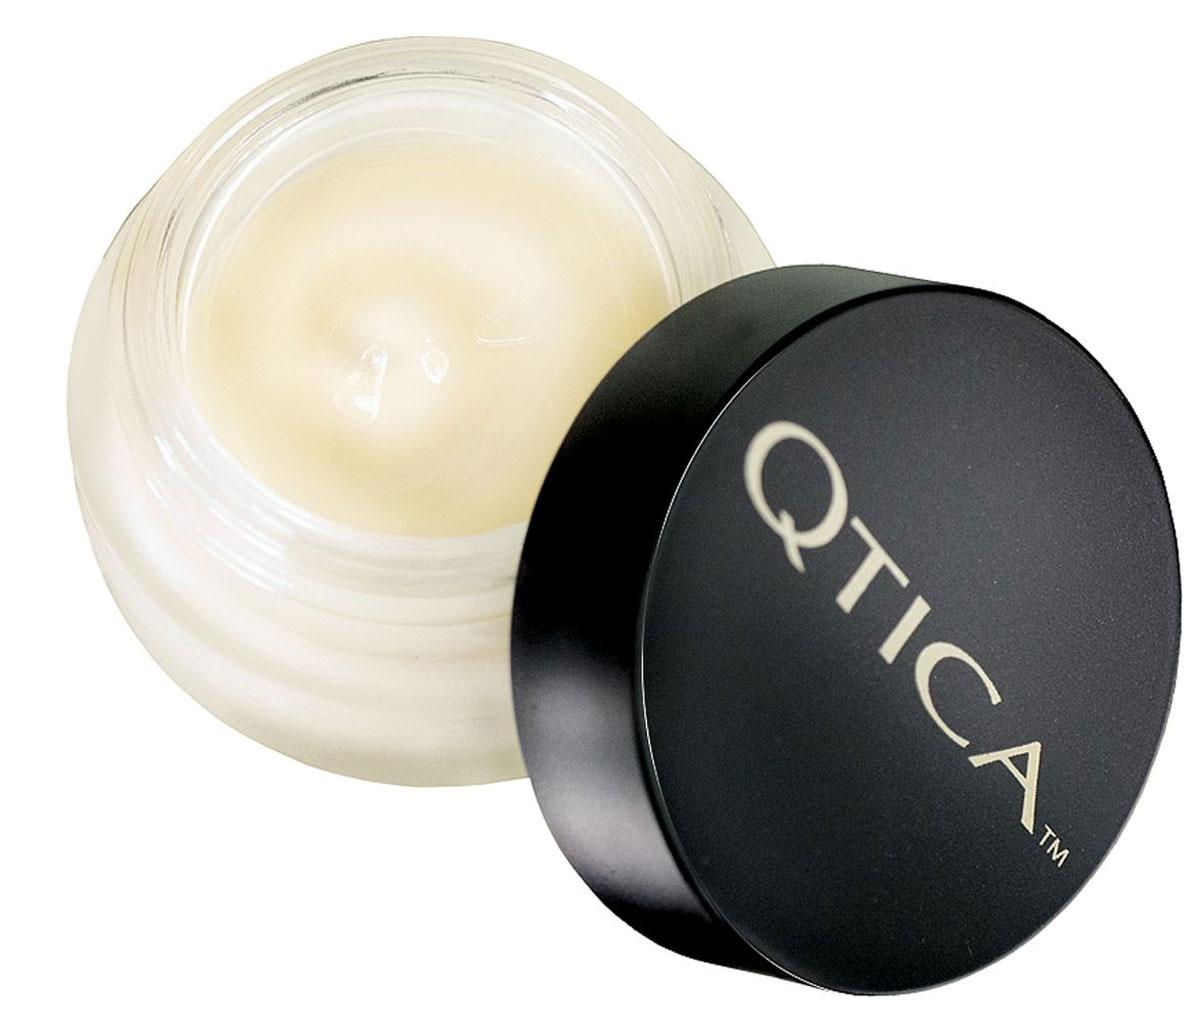 Zoya-Qtica Бальзам для кутикулы восстанавливающий Qtica 14 грQTICR01Бальзам восстановит кутикулу за 3 дня. Обеспечивает мгновенное и долгосрочное избавление от заусенец и трещин, а при постоянном использовании сохранит кутикулу мягкой и здоровой. Во время маникюра используйте как масло для кутикулы, массажными движениями втирая небольшое количество бальзама в кутикулу для увлажнения и восстановления кожи. Активные компоненты: воск, витамины А, С, D и Е, пантенол, ланолин, алоэ.